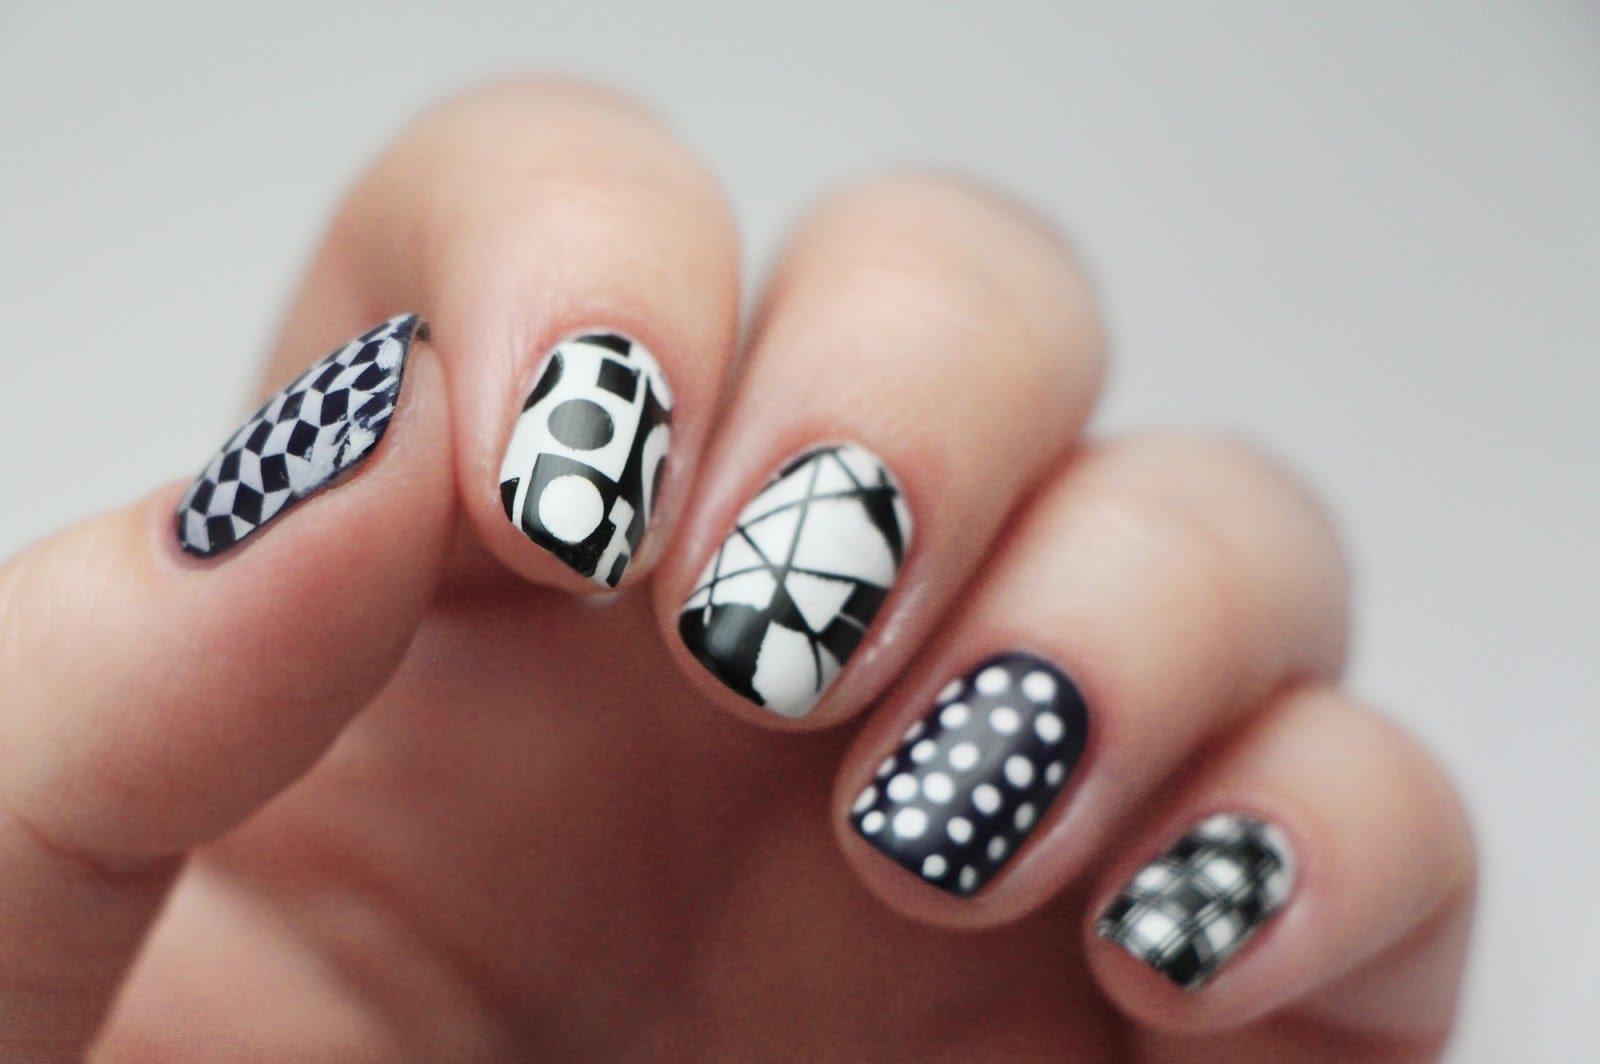 Черно-белый дизайн ногтей. Фото, модные тенденции: френч, омбре, с росписью